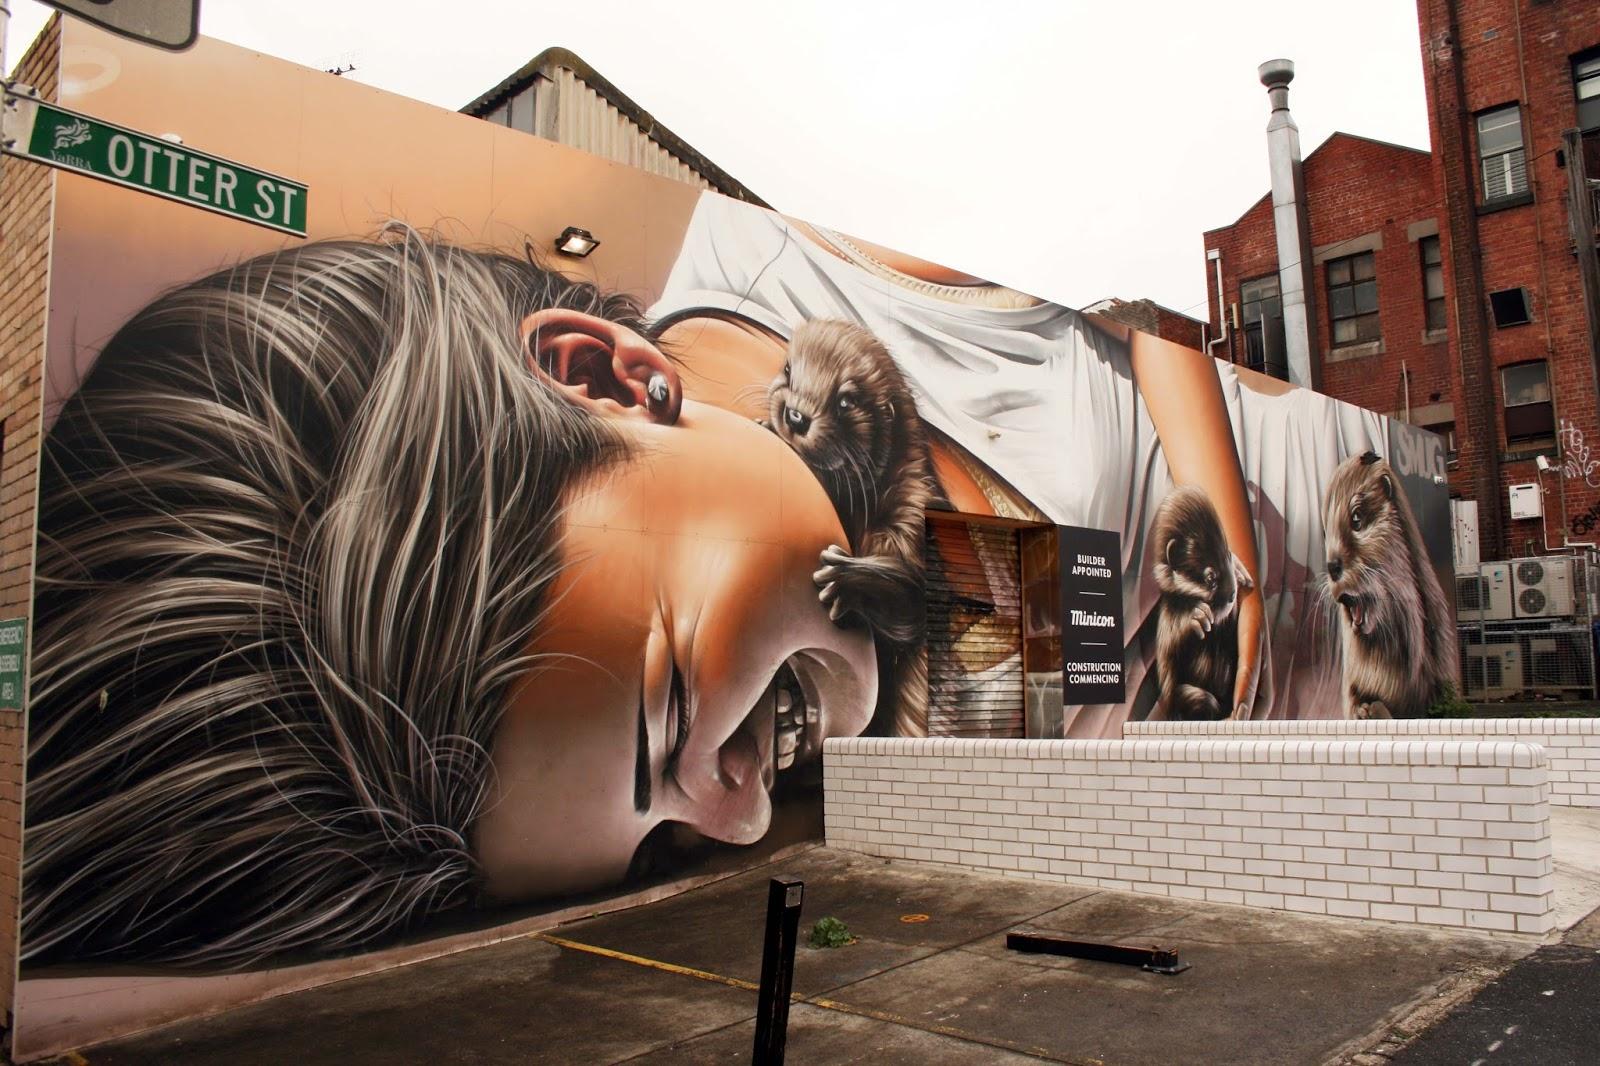 Street Art Melbourne 2017 B Smug Ling Cherrie Buttons Cam Scale Goodie Kitt Bennet Man Of Darkness Shida Shaun Lu Loretta Lizzio Odeith Putos Simplesime Makatron Graffitis Du Monde Street Art